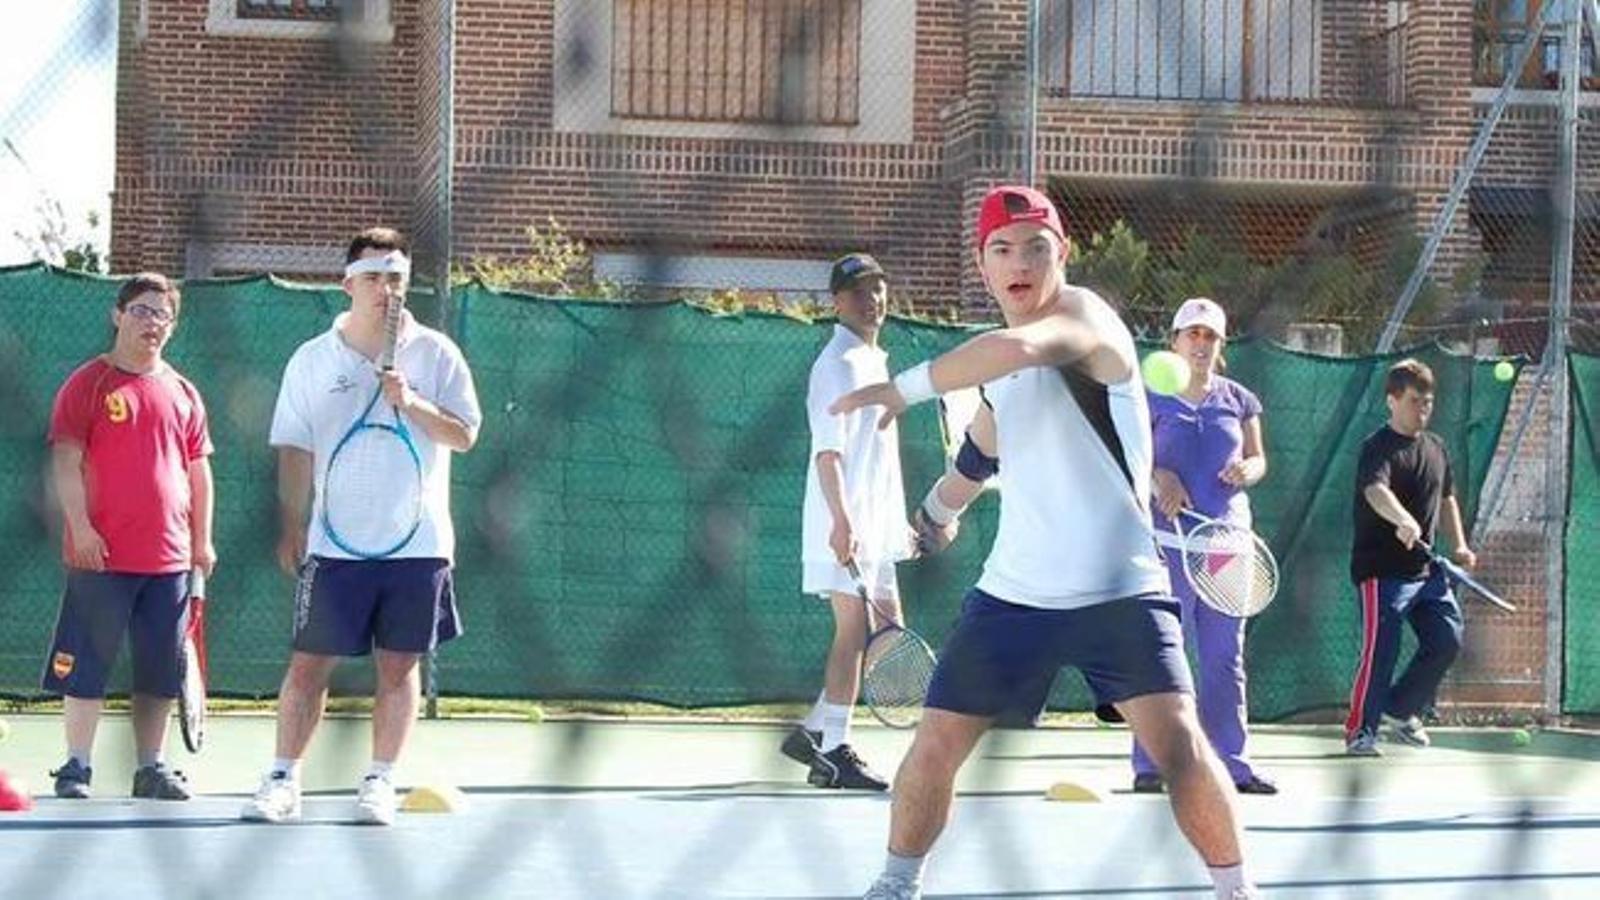 Més que Tennis, un torneig de la Fundació Rafa Nadal per a persones amb discapacitat intel·lectual